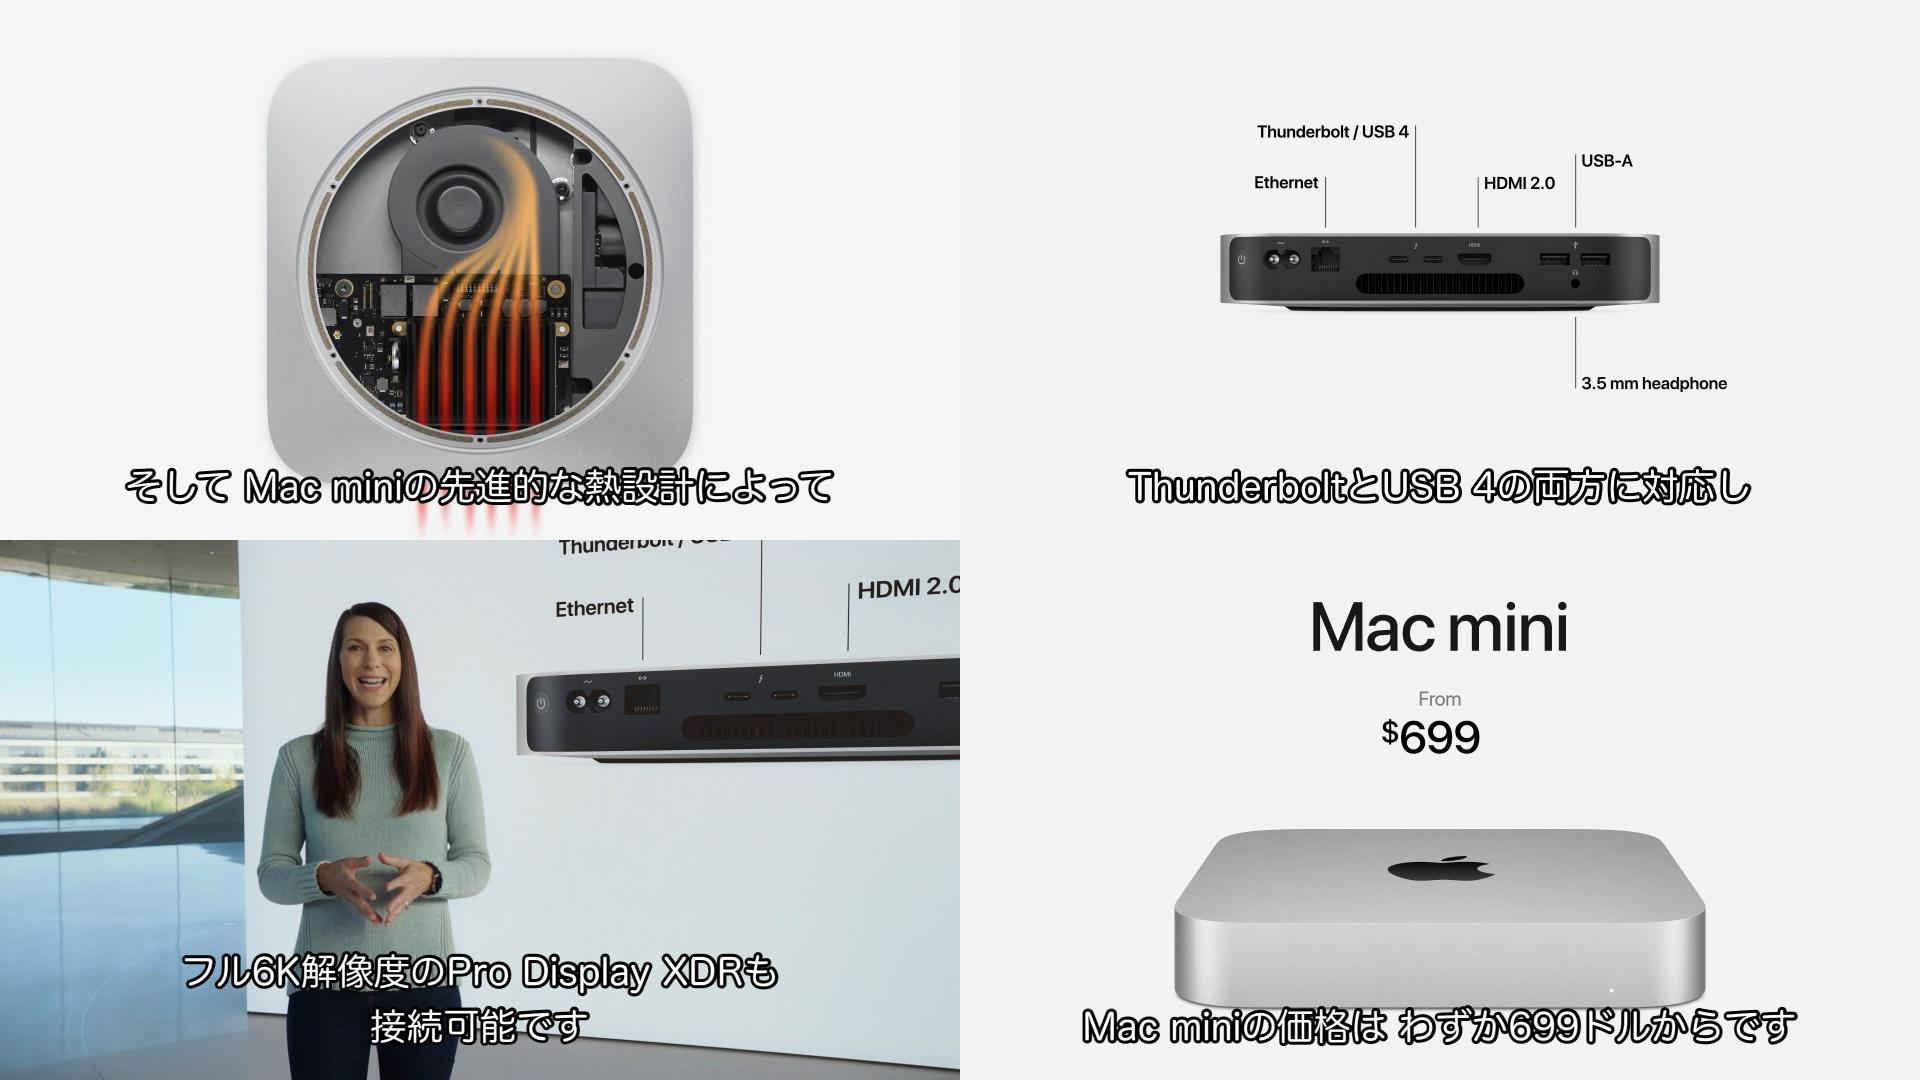 M1 Mac miniのスペック